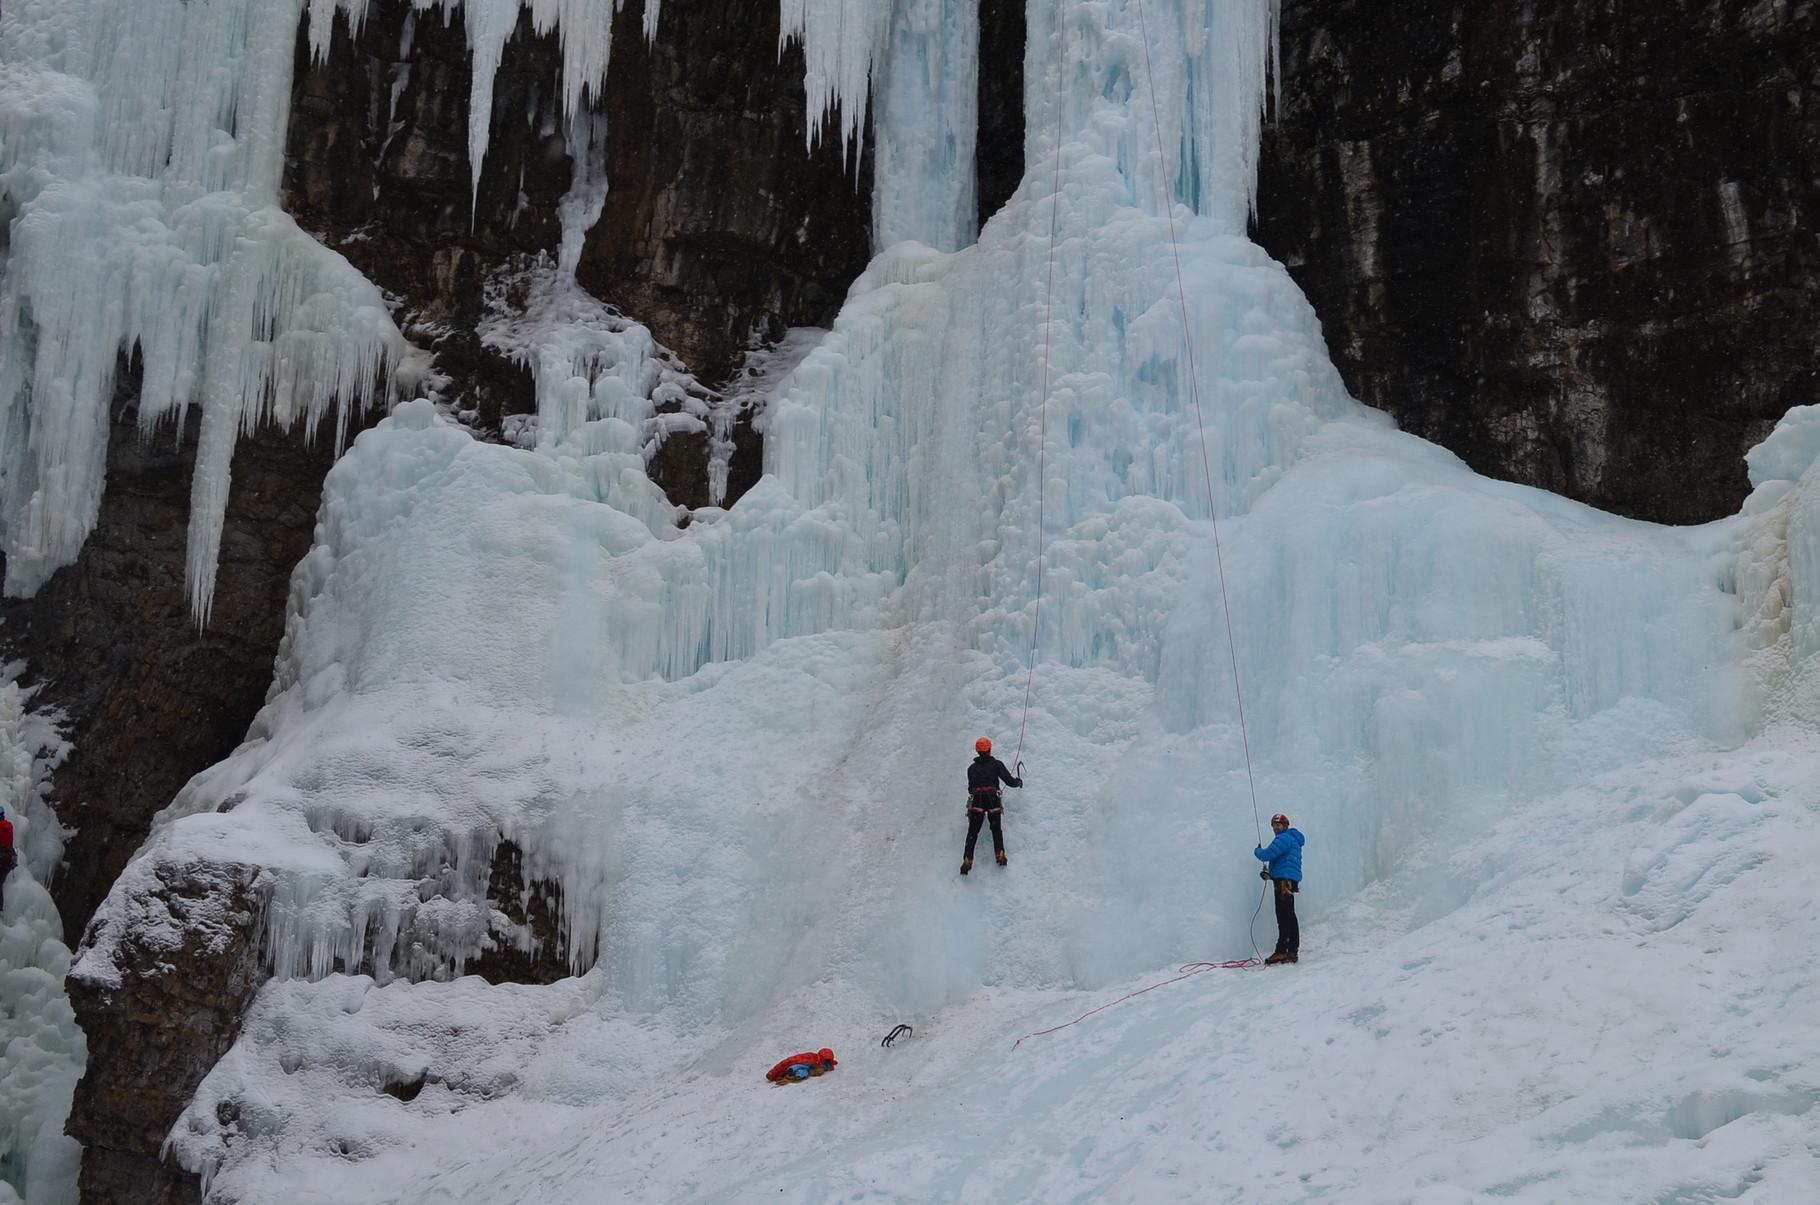 Wasserfall und Kletterer